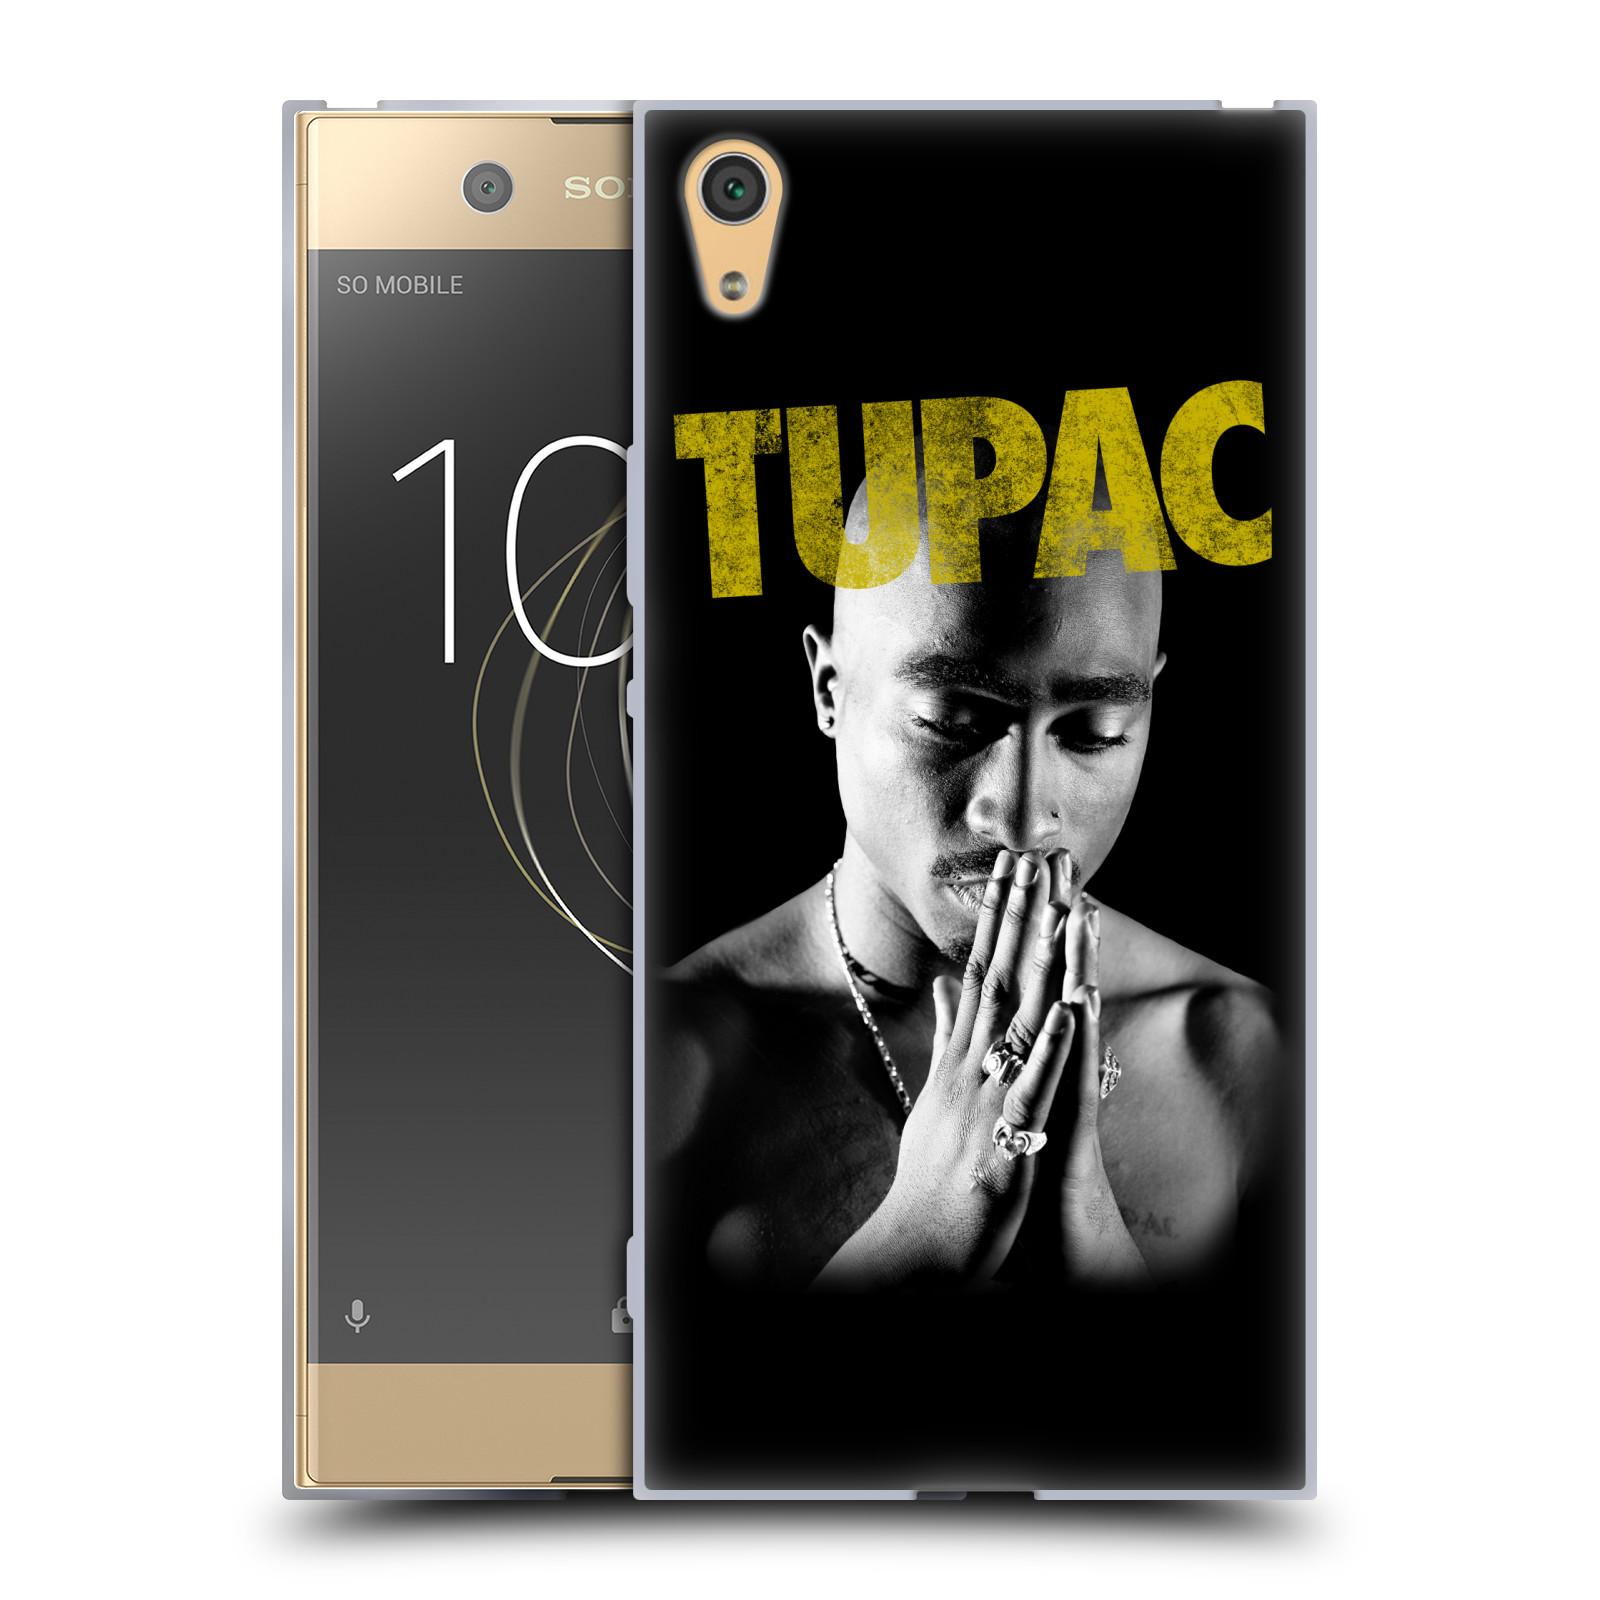 HEAD CASE silikonový obal na mobil Sony Xperia XA1 ULTRA Zpěvák rapper Tupac Shakur 2Pac zlatý nadpis